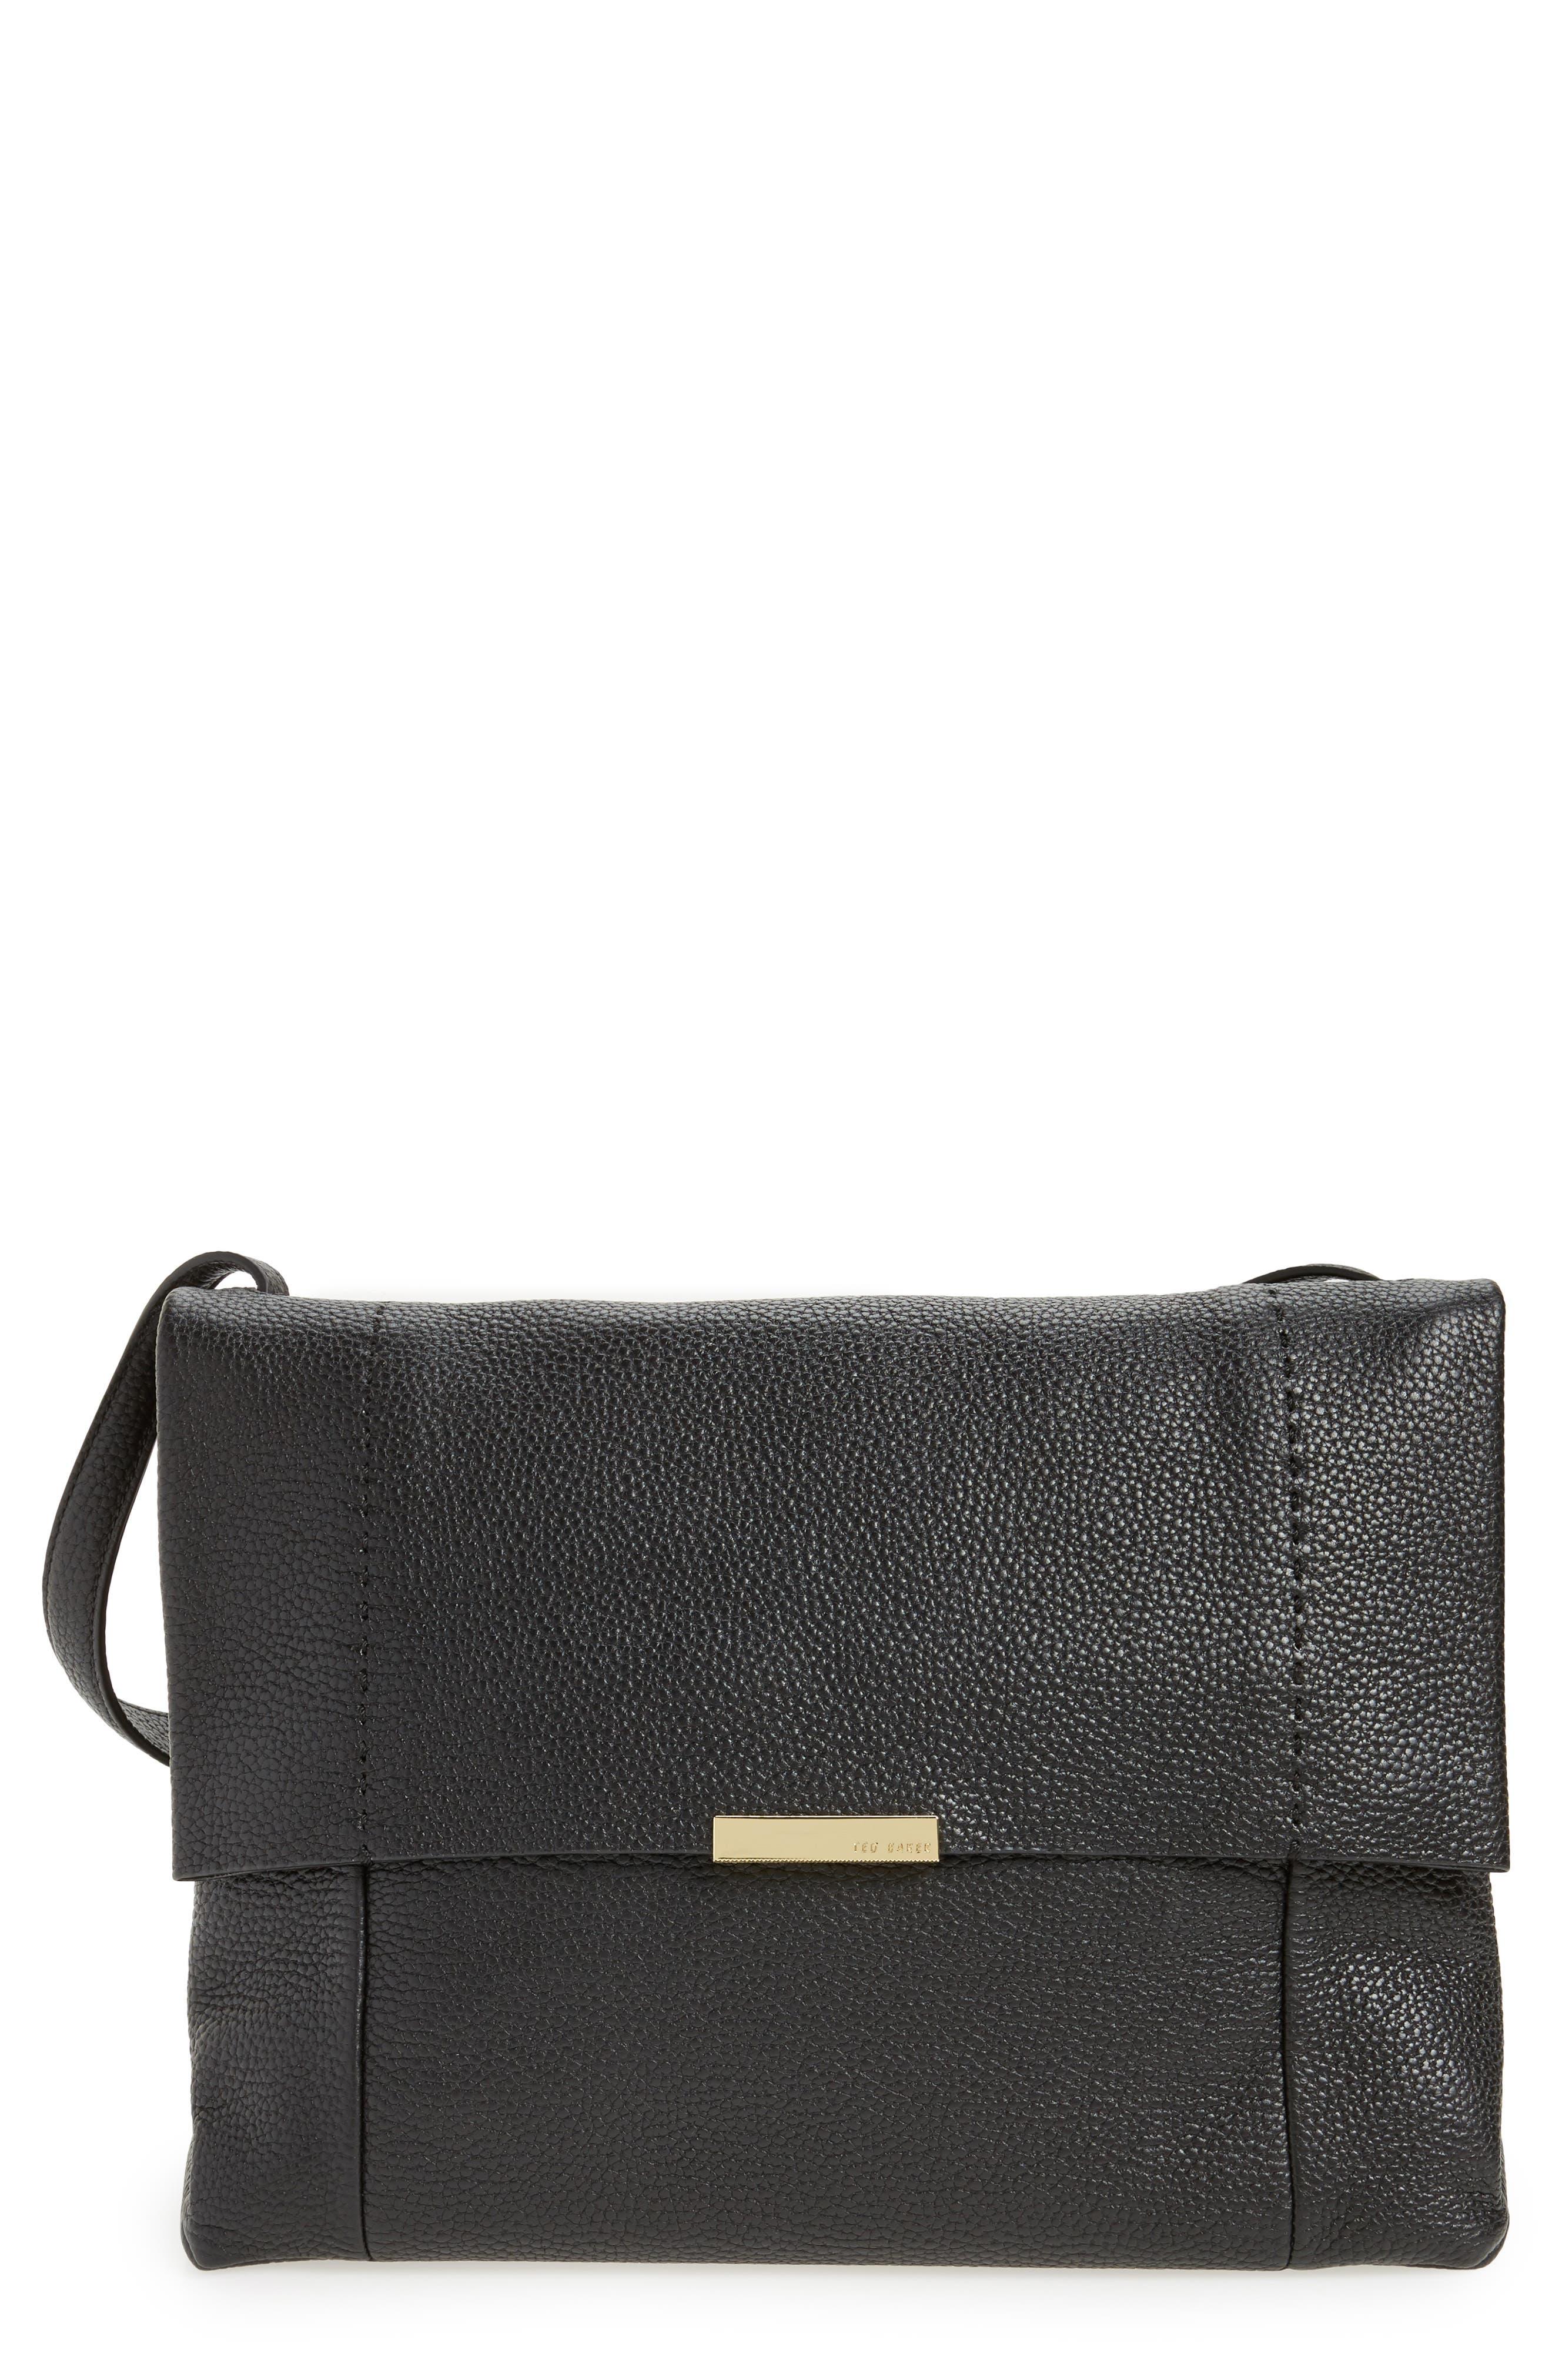 Proter Leather Shoulder Bag,                         Main,                         color, 001